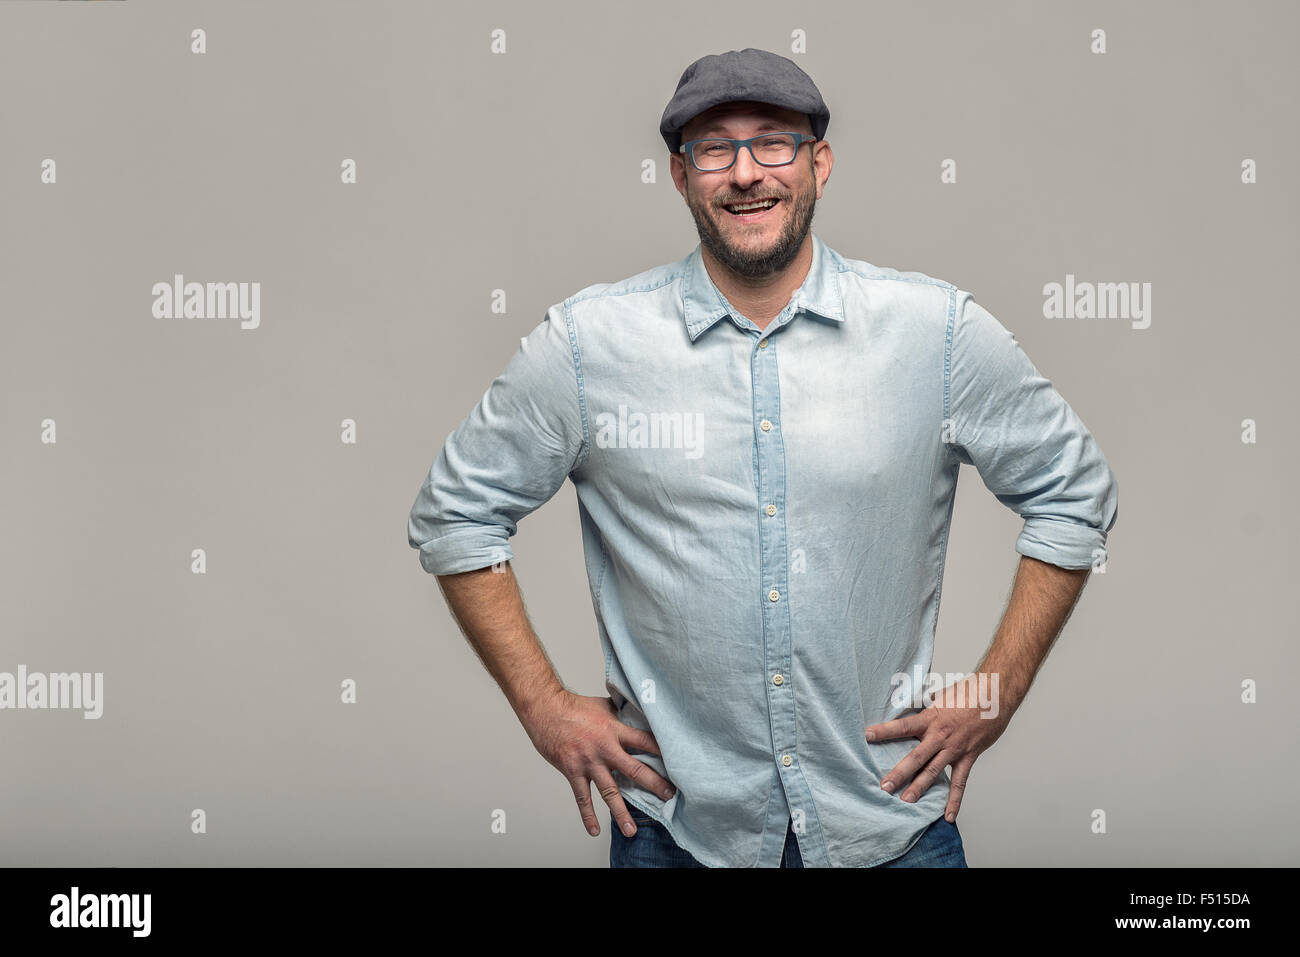 Friendly attrayant homme regardant la caméra avec un beau sourire chaleureux, haut du corps plus de Gray Photo Stock